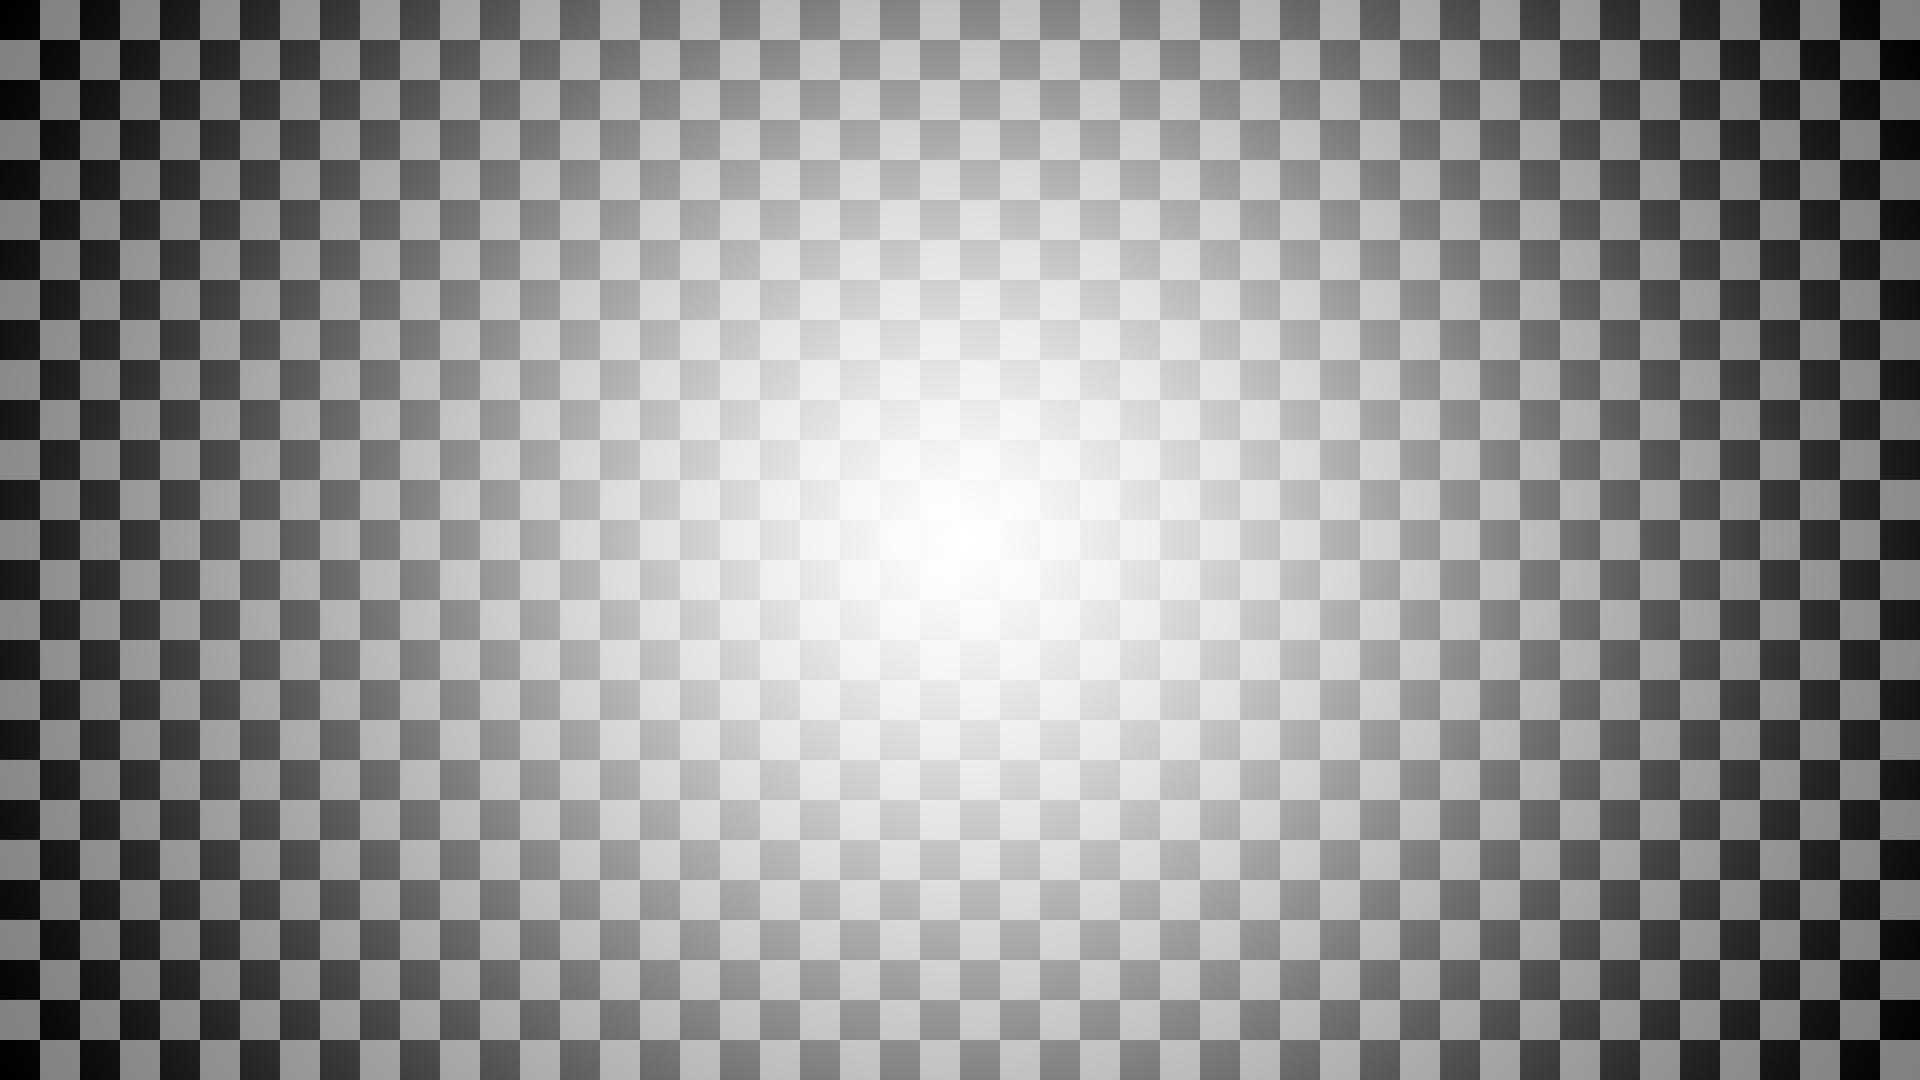 1080p_rule10